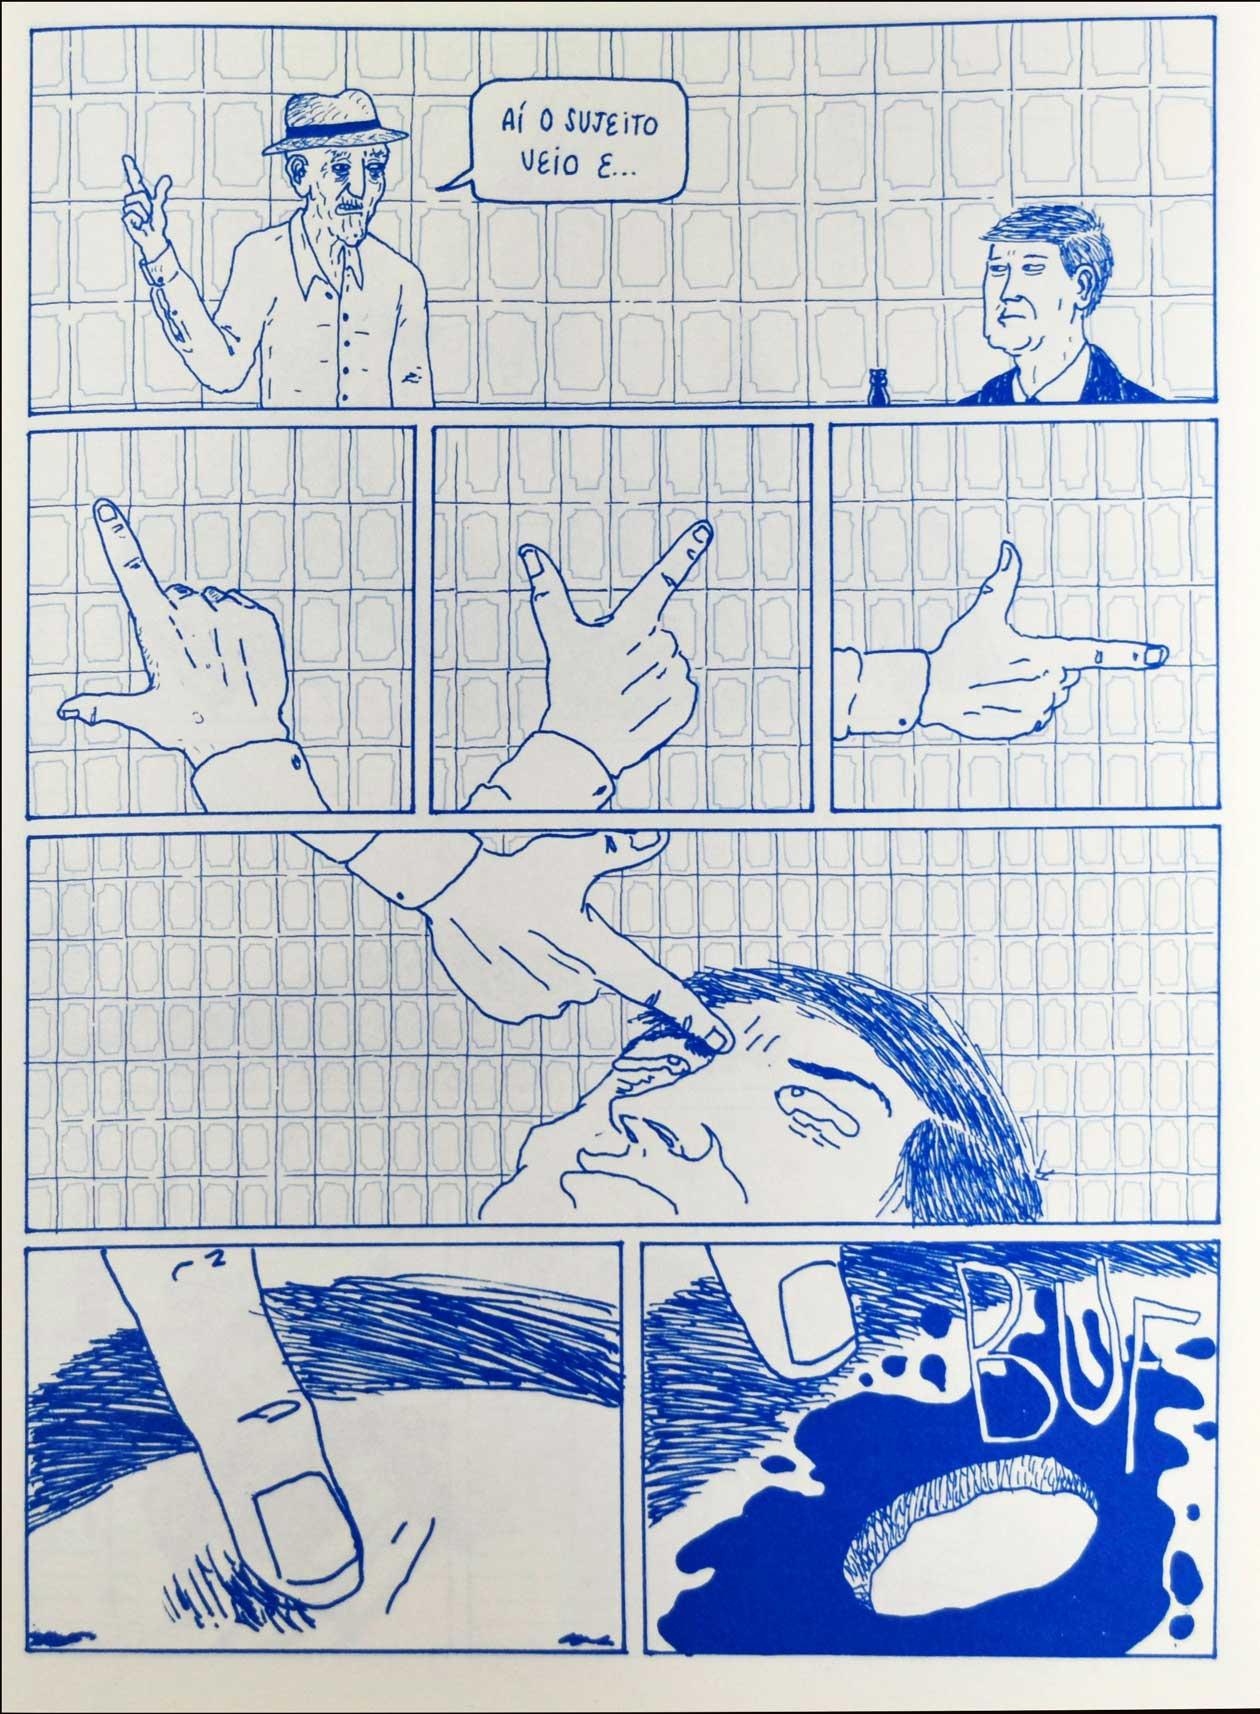 miolo-frito-bar-quadrinhos-hq-ilustracao-5